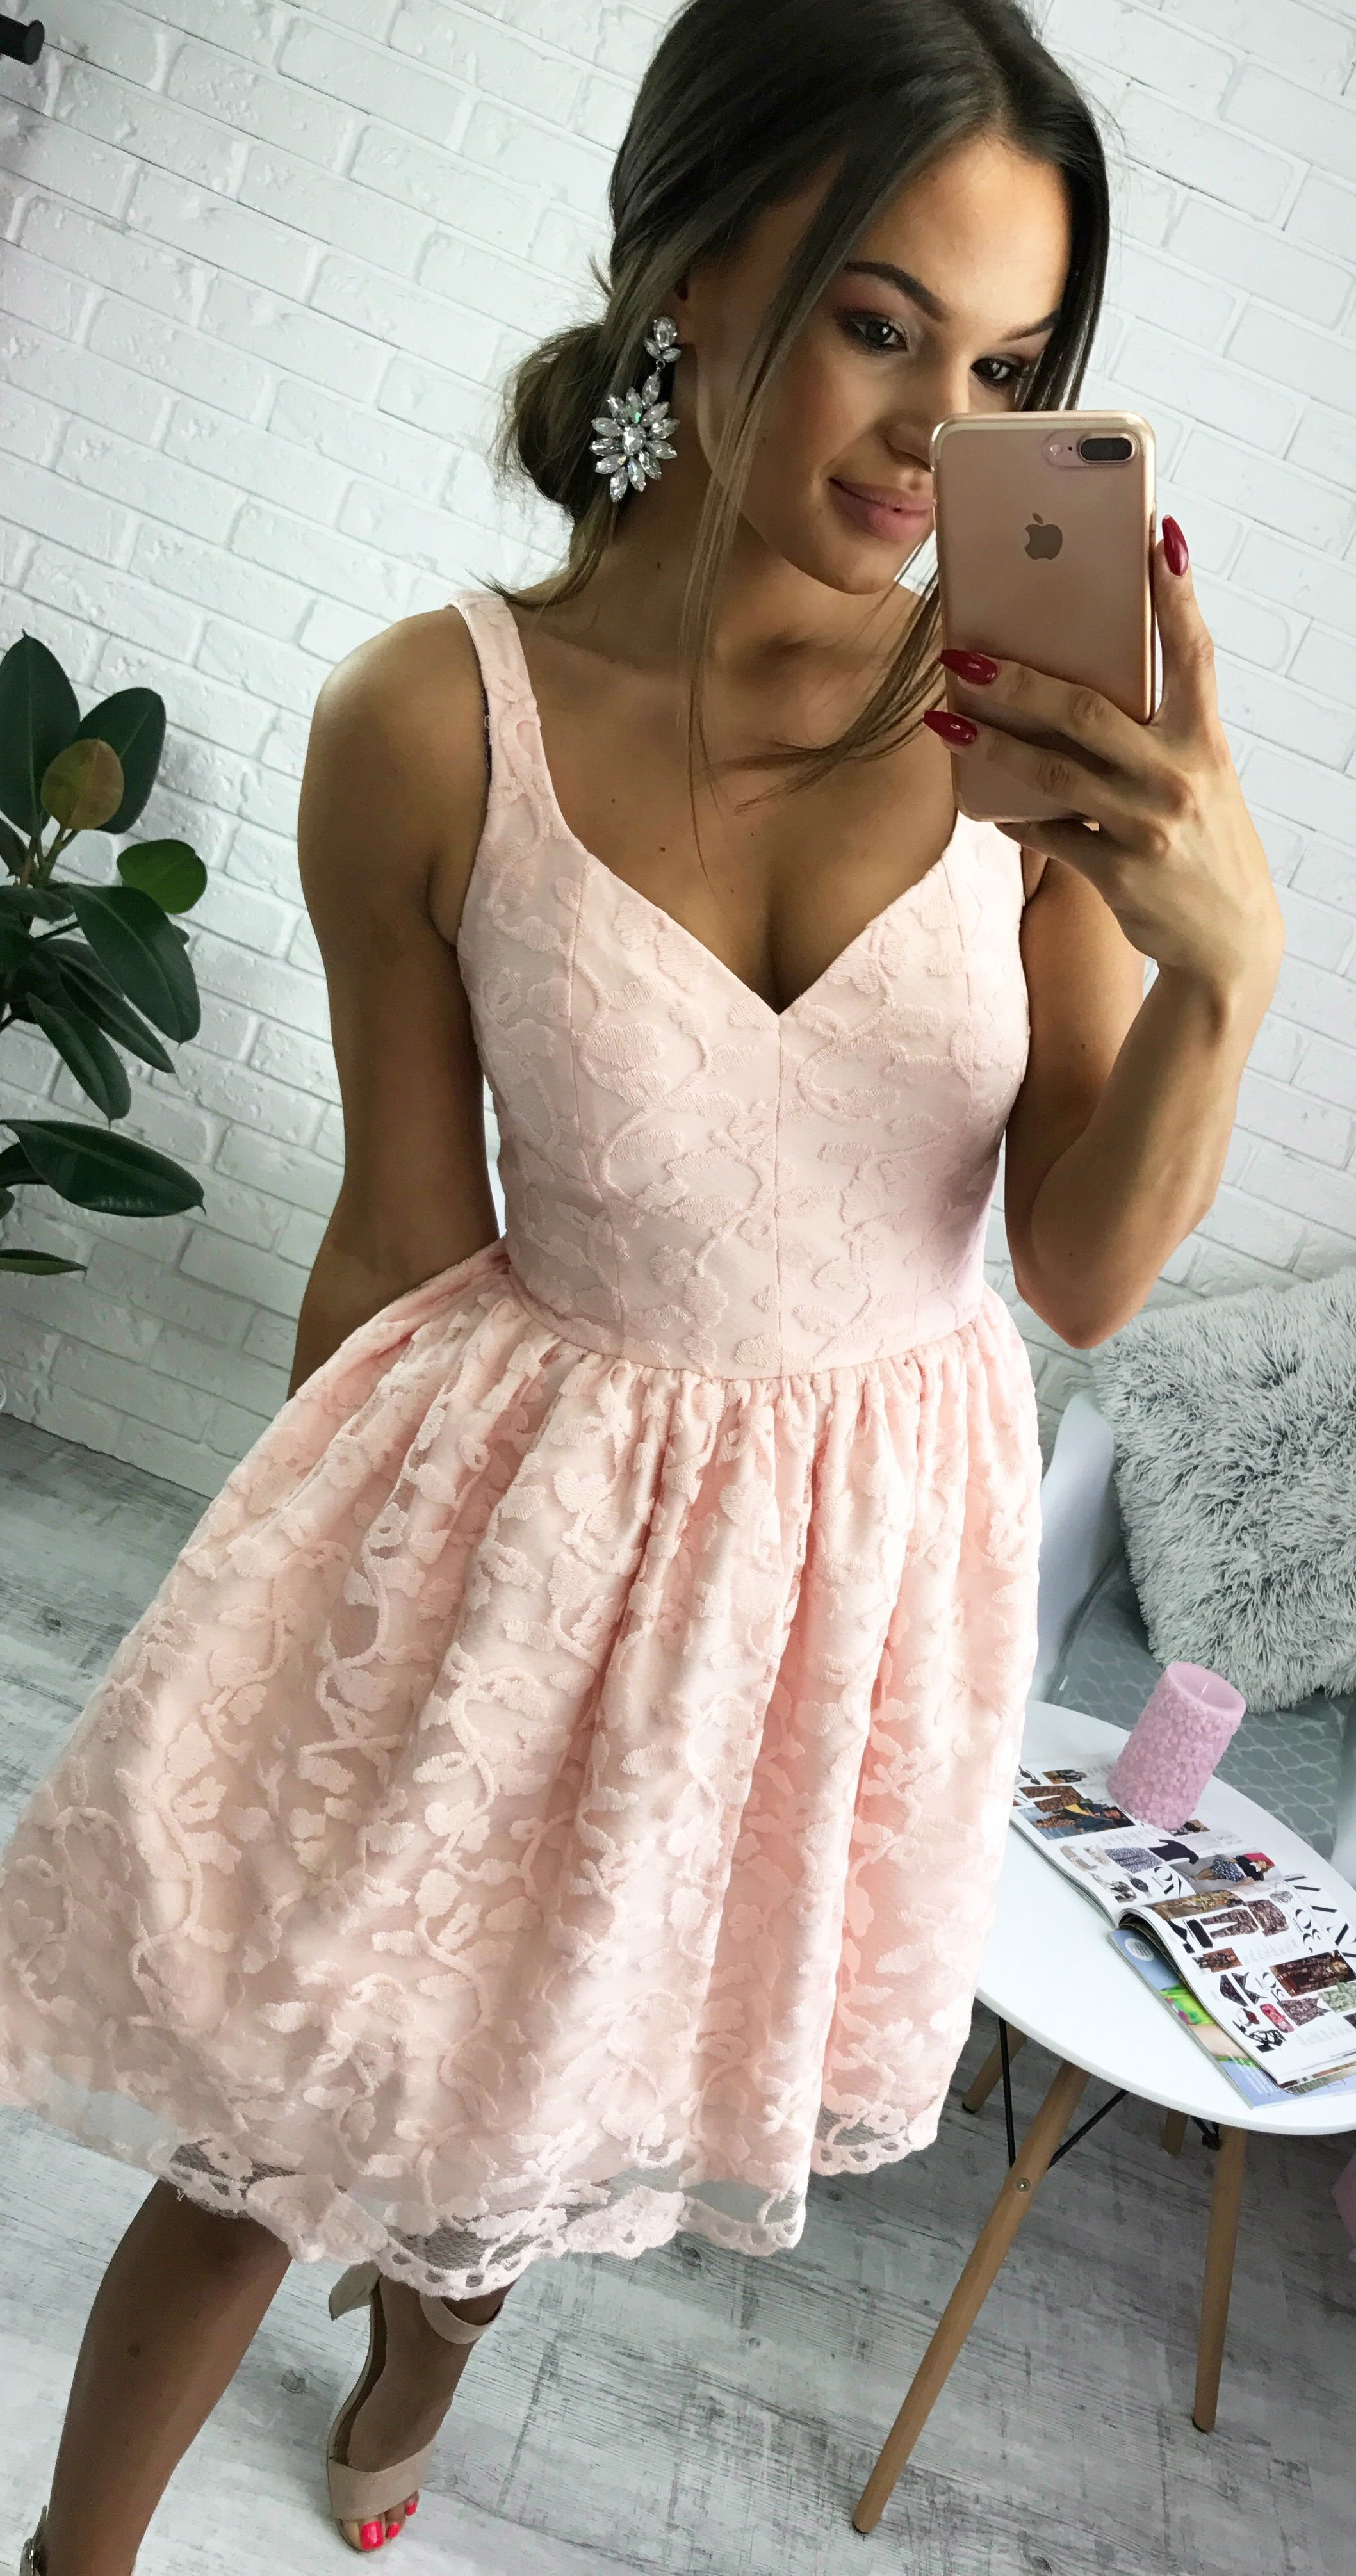 ede7c4acc4 Pudrowo- różowa sukienka Marcelline. Idealna sukienka na wesele lub  świadkowych. Pastel pink dress  promcja  sukienka  ślub   poprawiny   wyprzedaz  pink ...